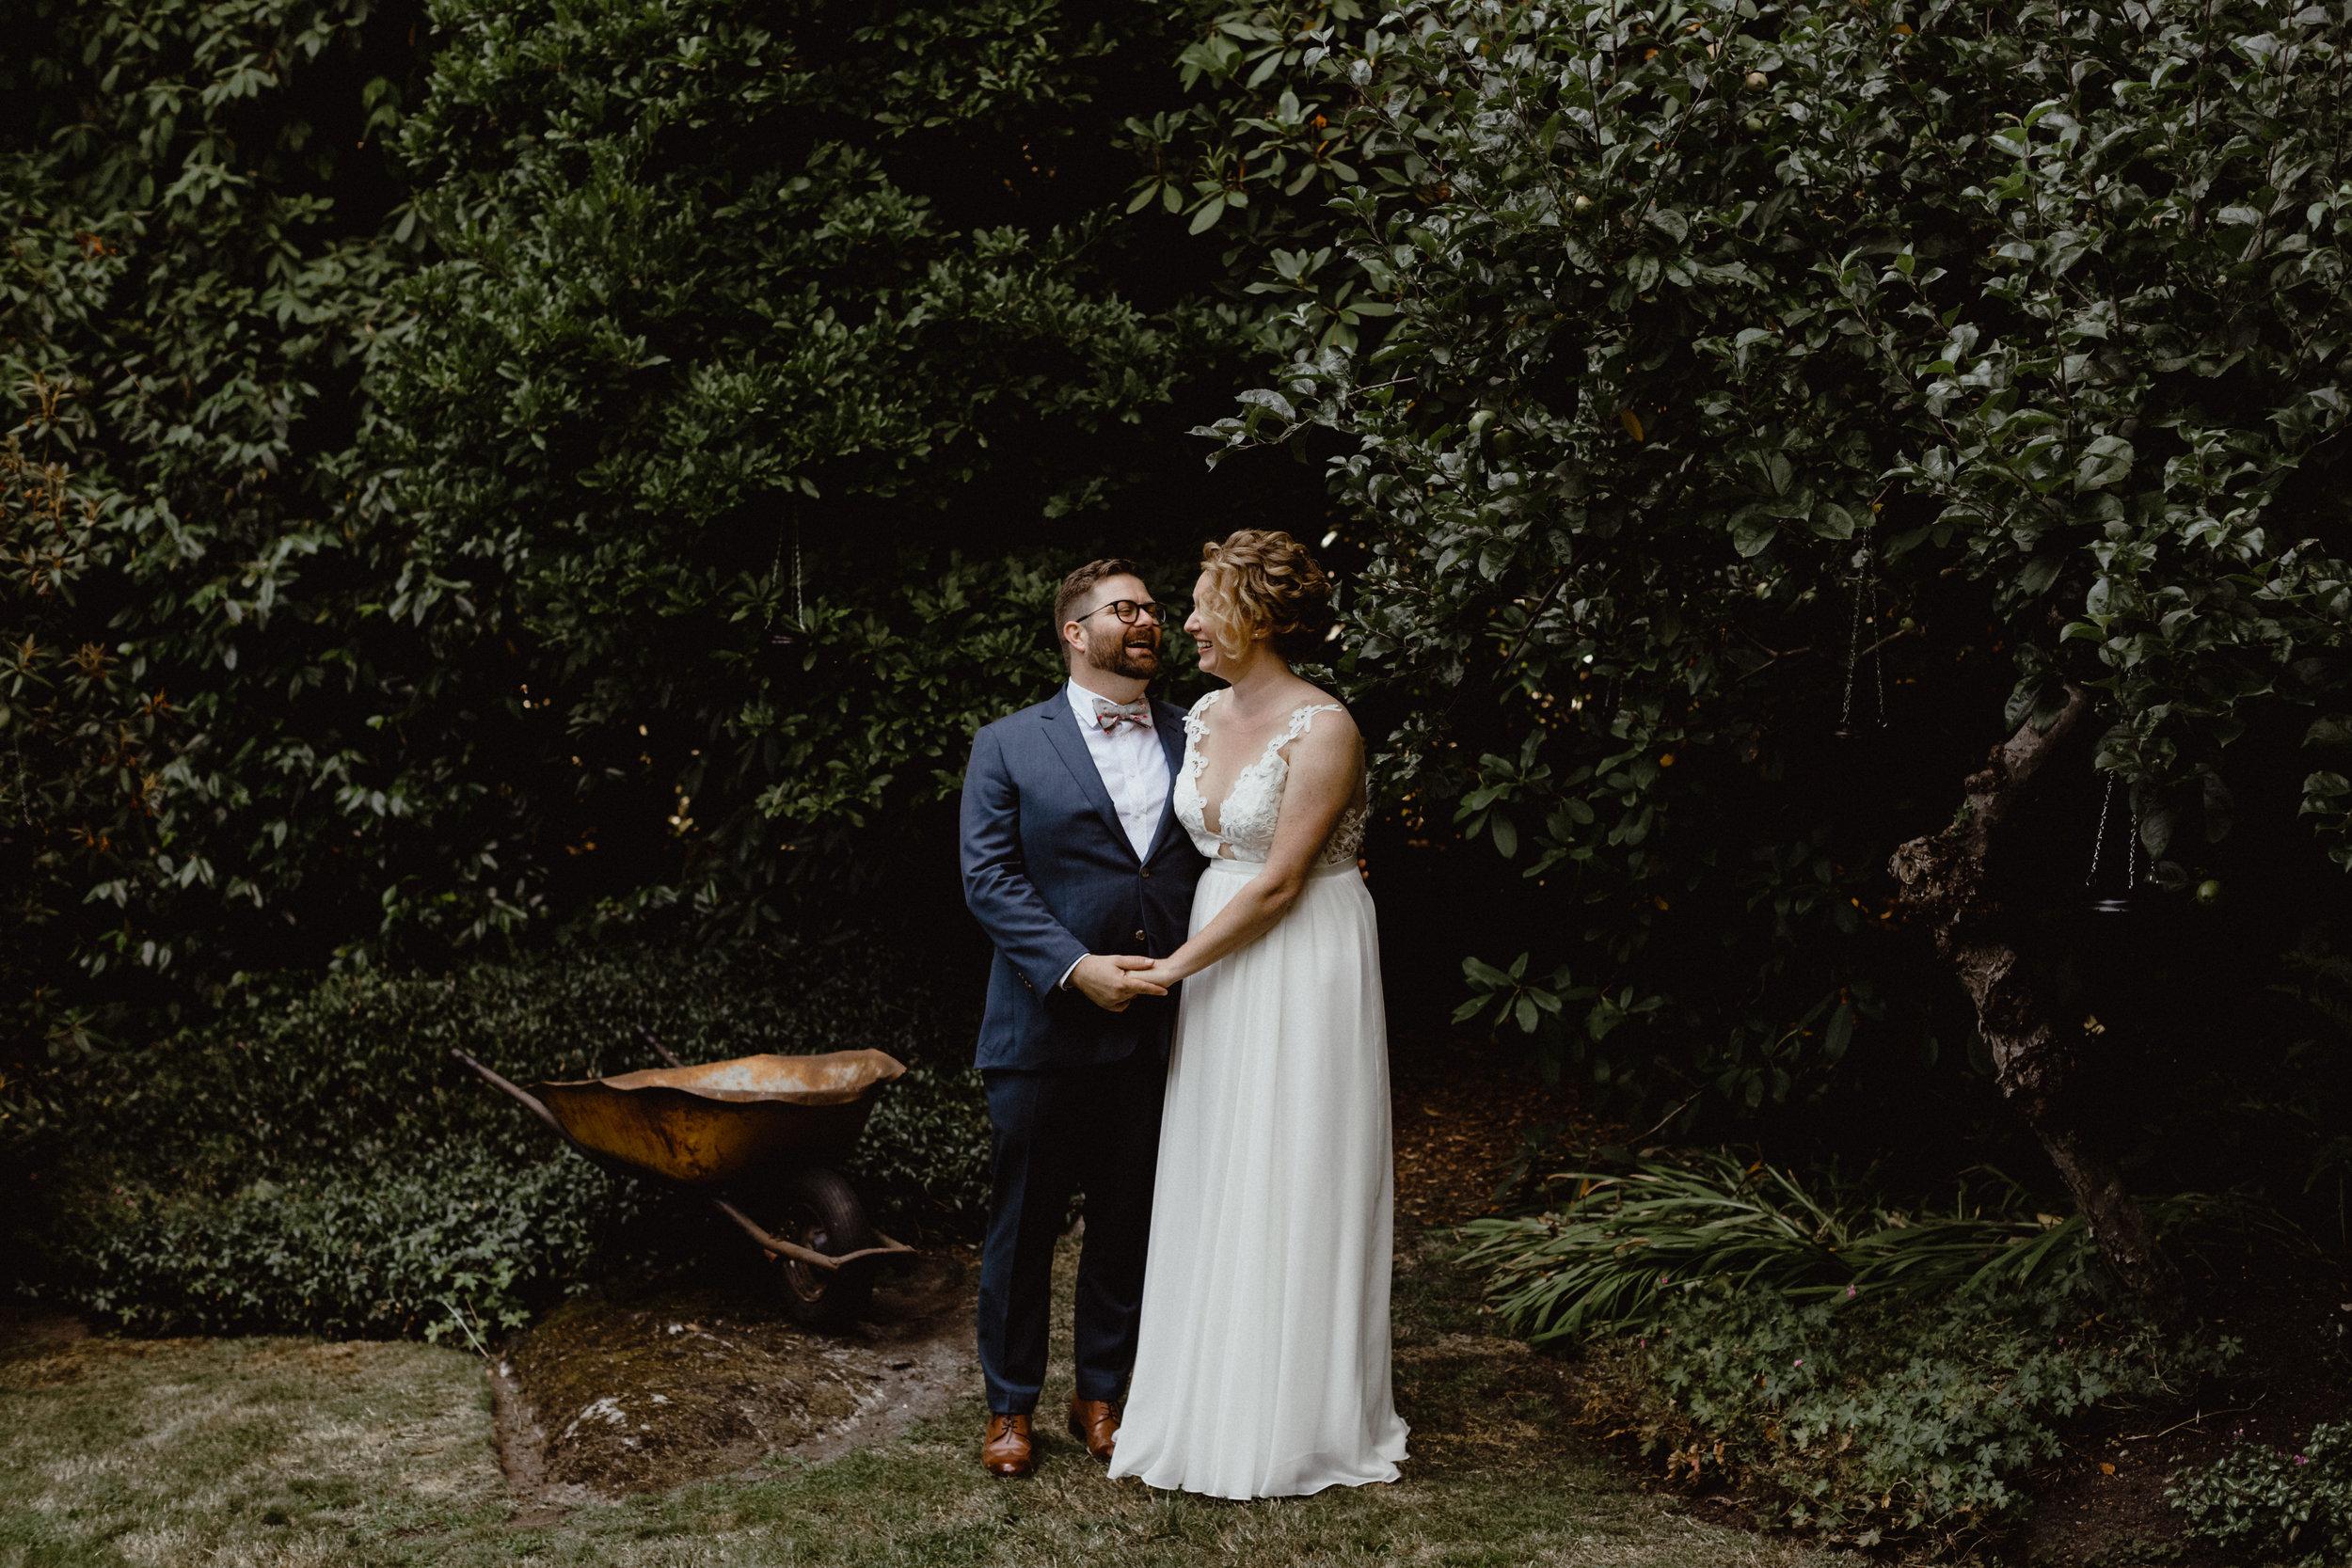 west-vancouver-backyard-wedding-176.jpg